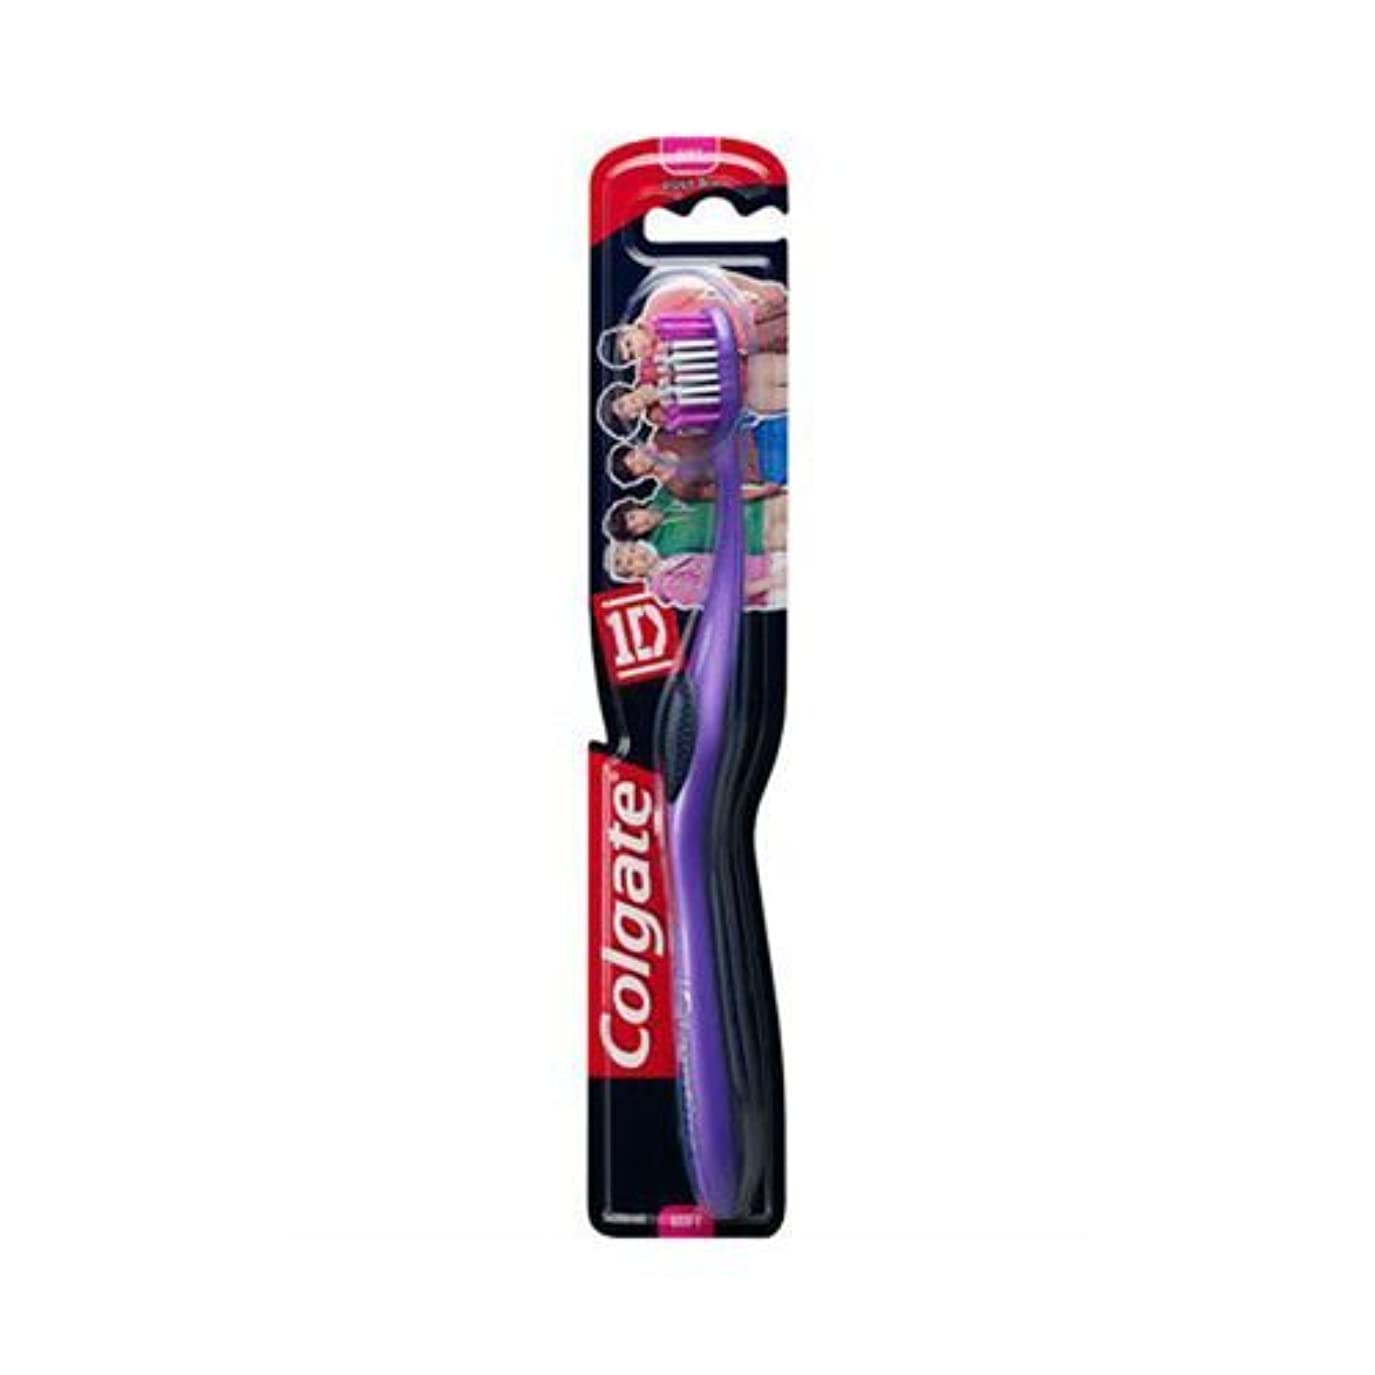 試験発送ひらめきColgate 1d (One Direction) Maxfresh Soft Toothbrush Age 8+ by Colgate [並行輸入品]